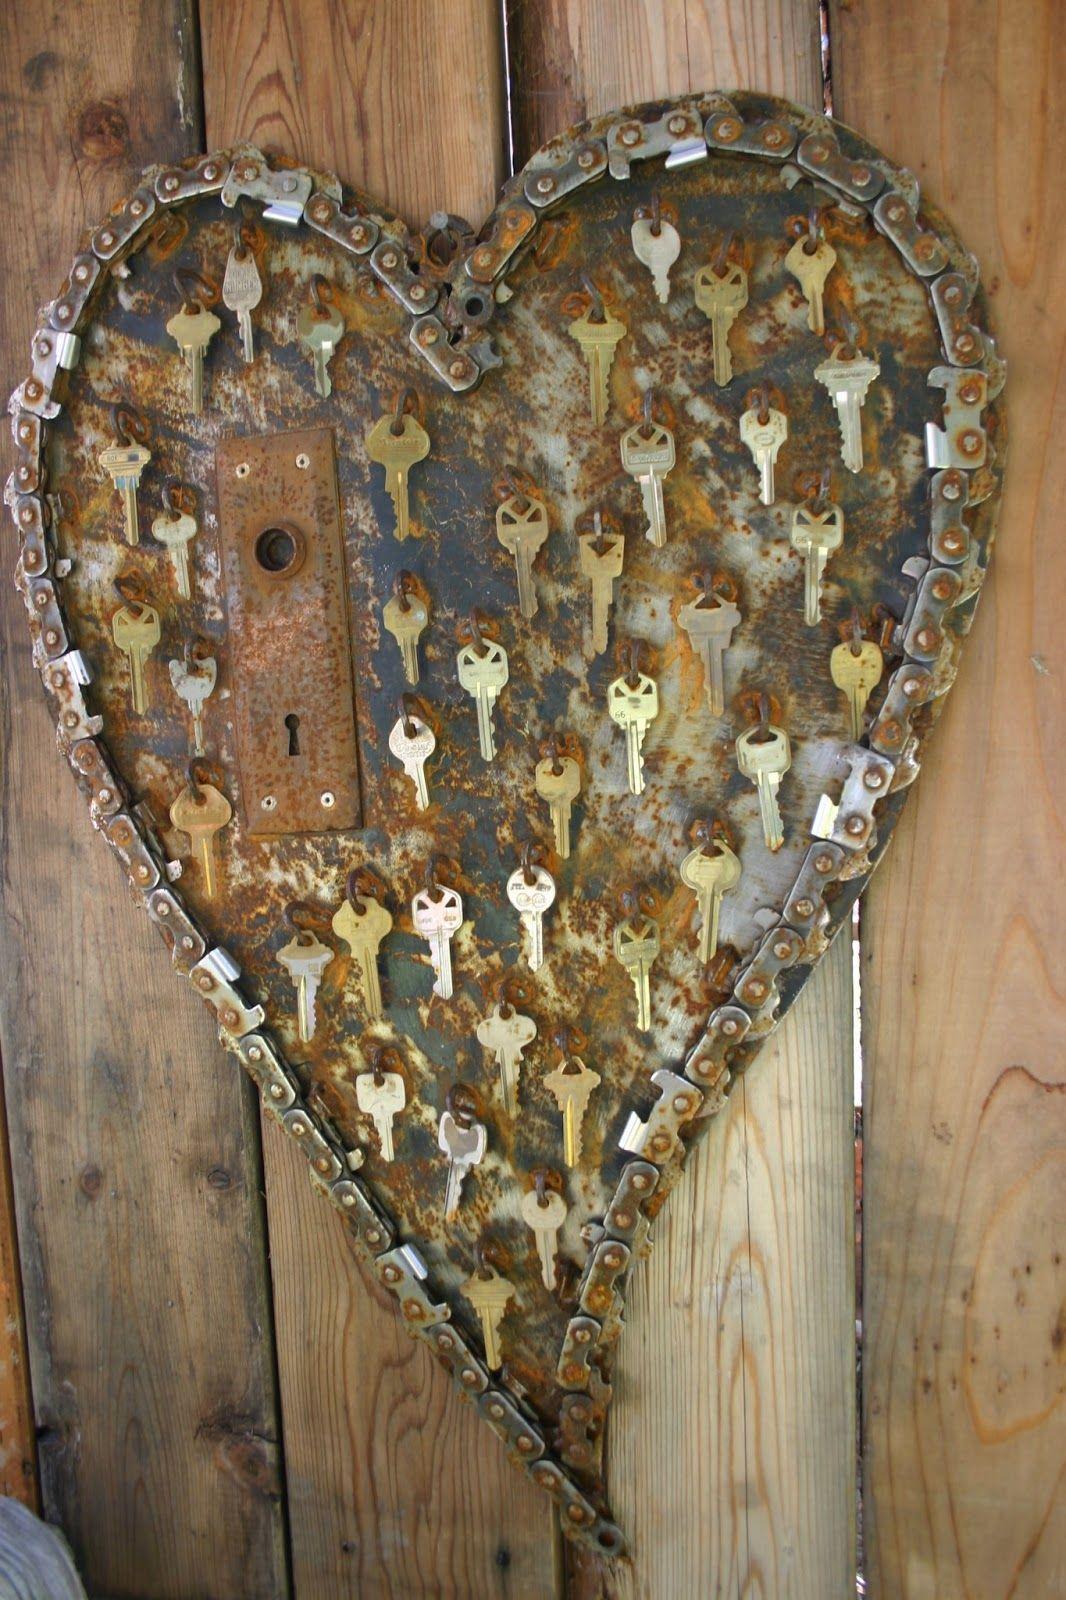 Keytomyheart door decoration with old door lock yard art ideas